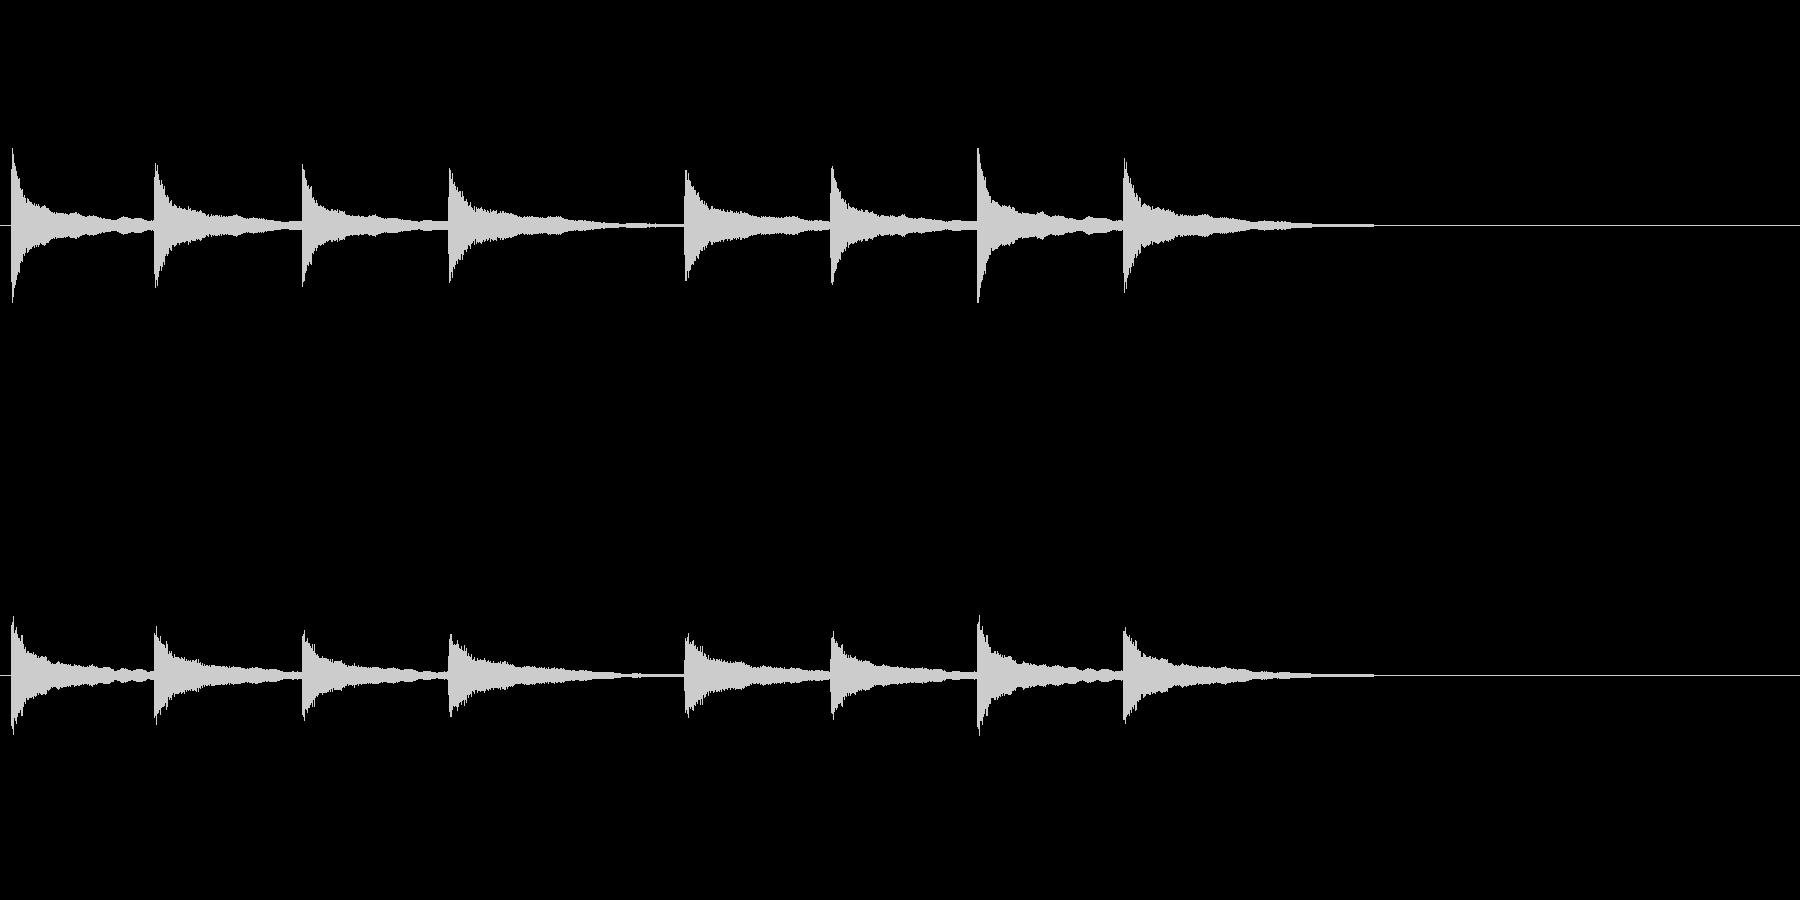 マントル時計鳴りの未再生の波形